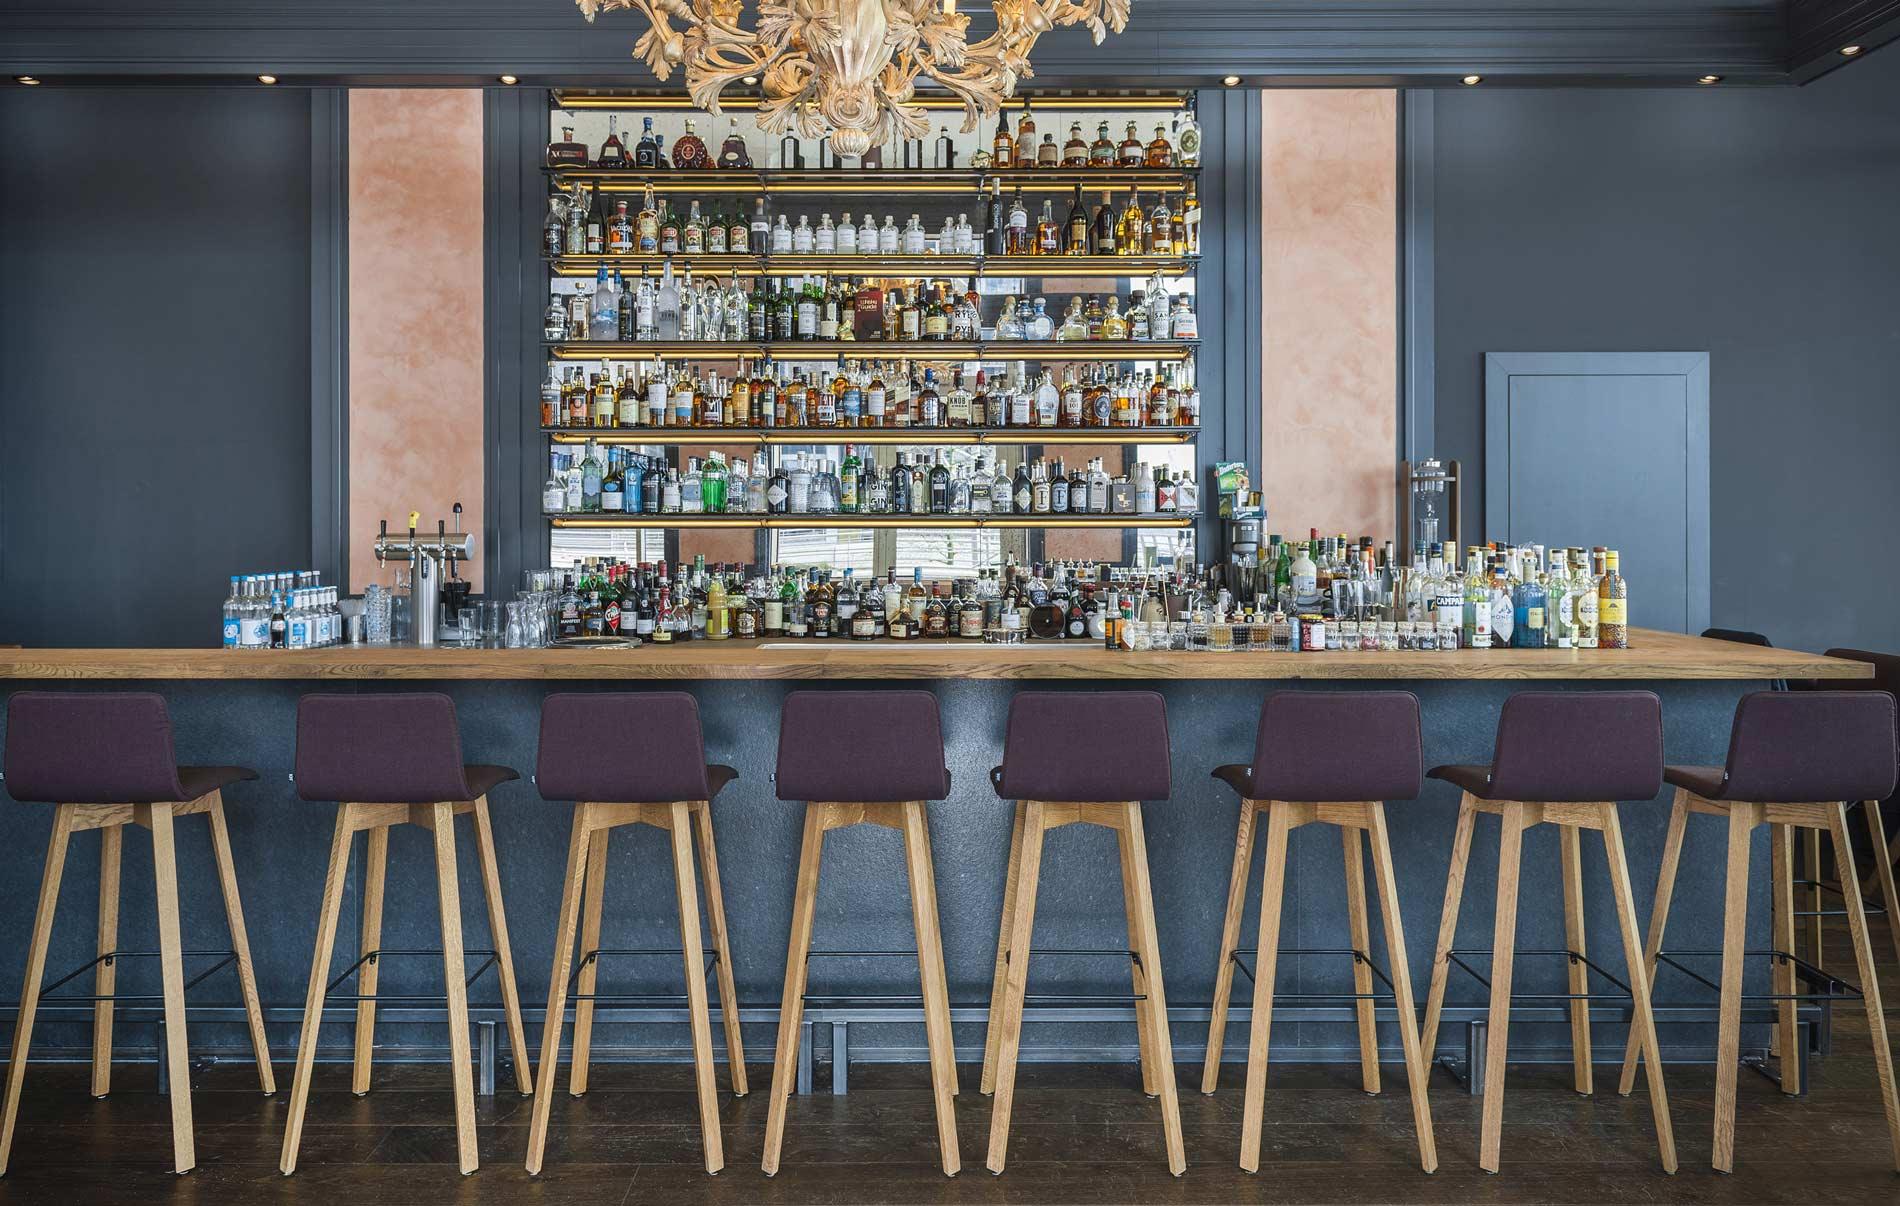 Bootshaus Hamburg | Mixology Bar Guide